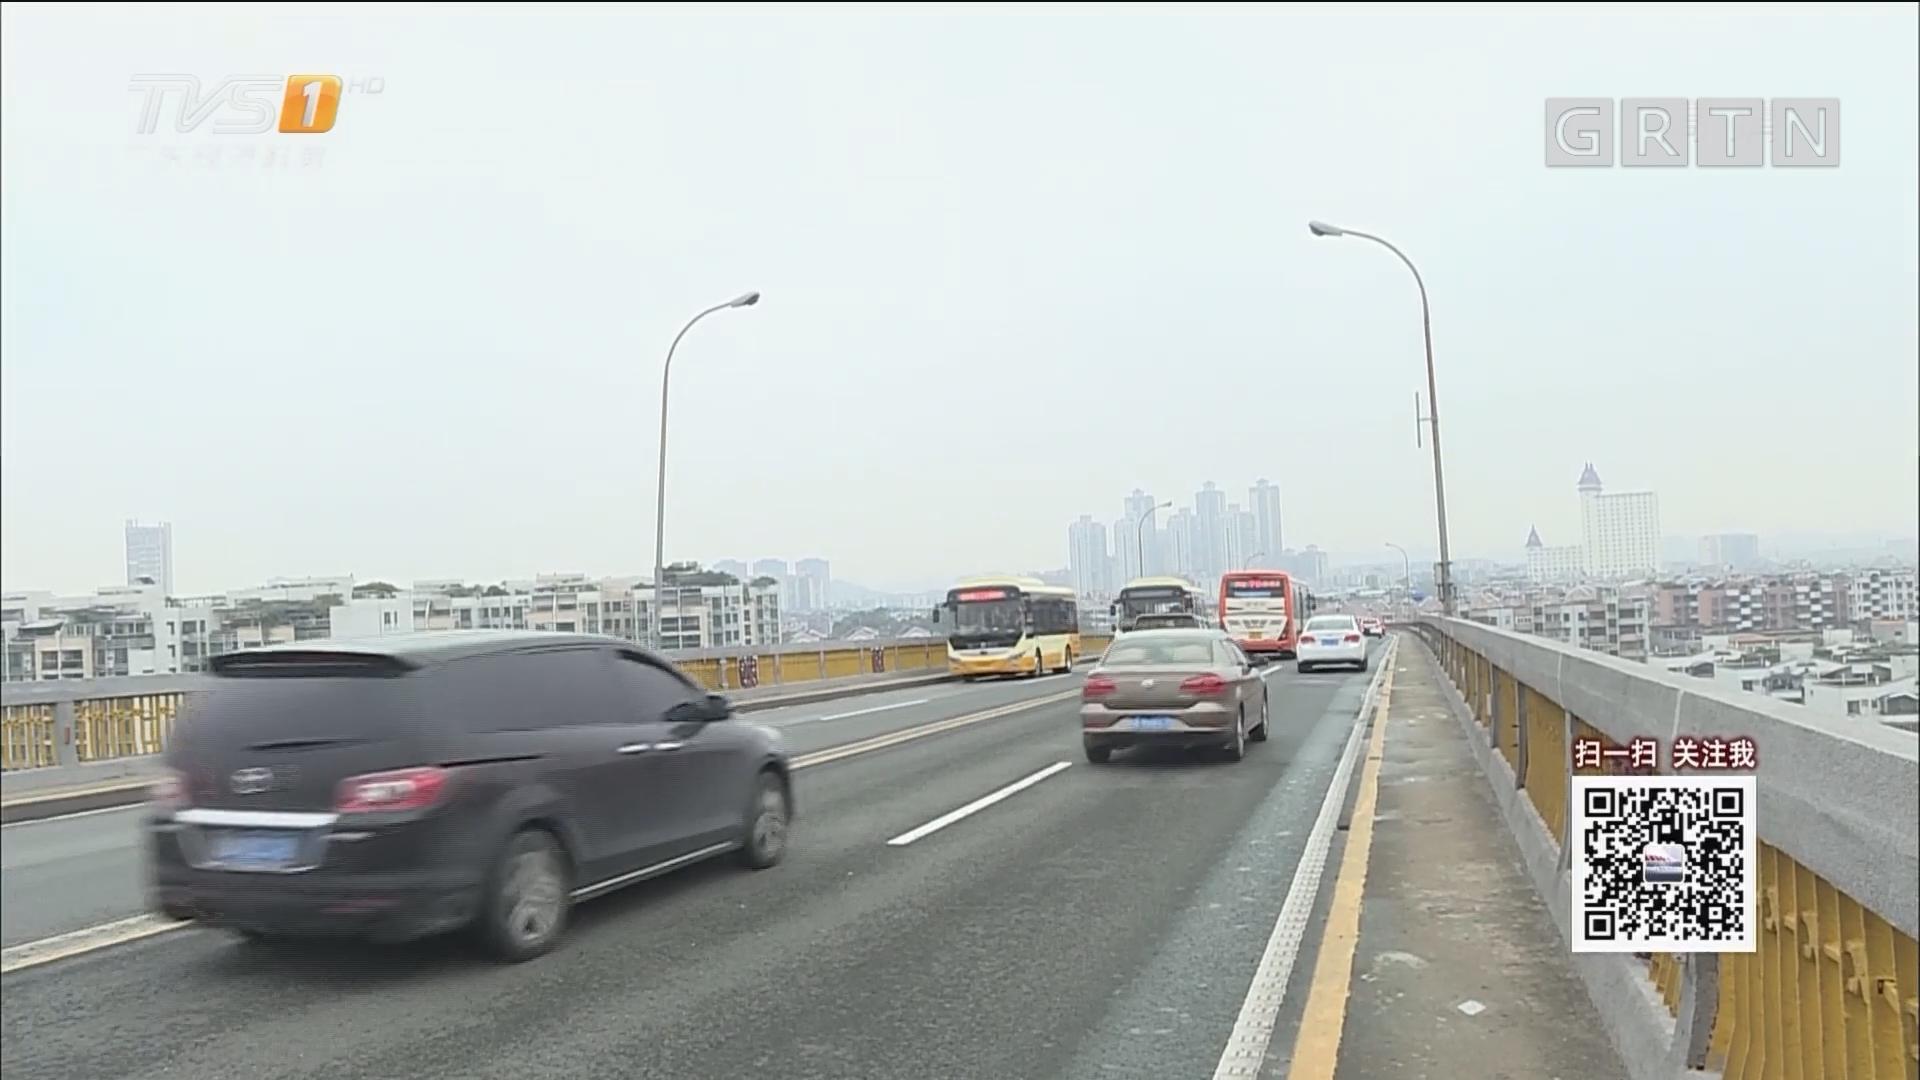 洛溪大桥拓宽工程动工 预计2021年完工